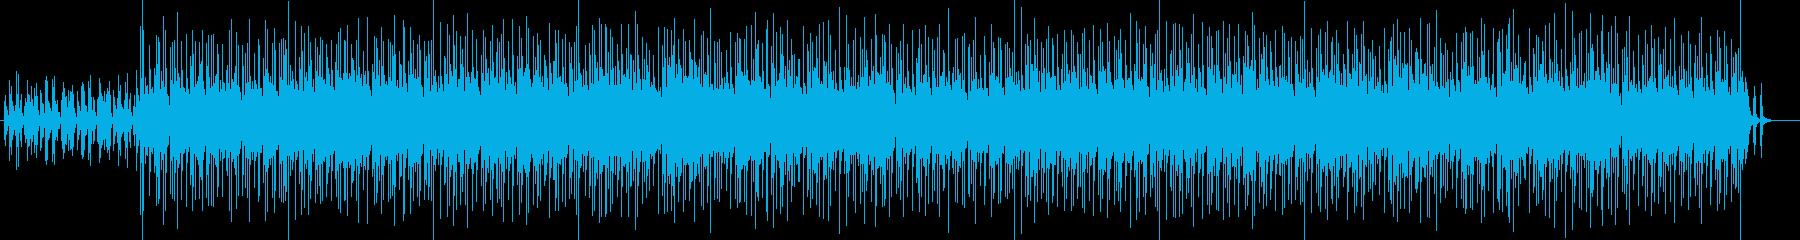 元気でオープニングにかかりそうな曲の再生済みの波形